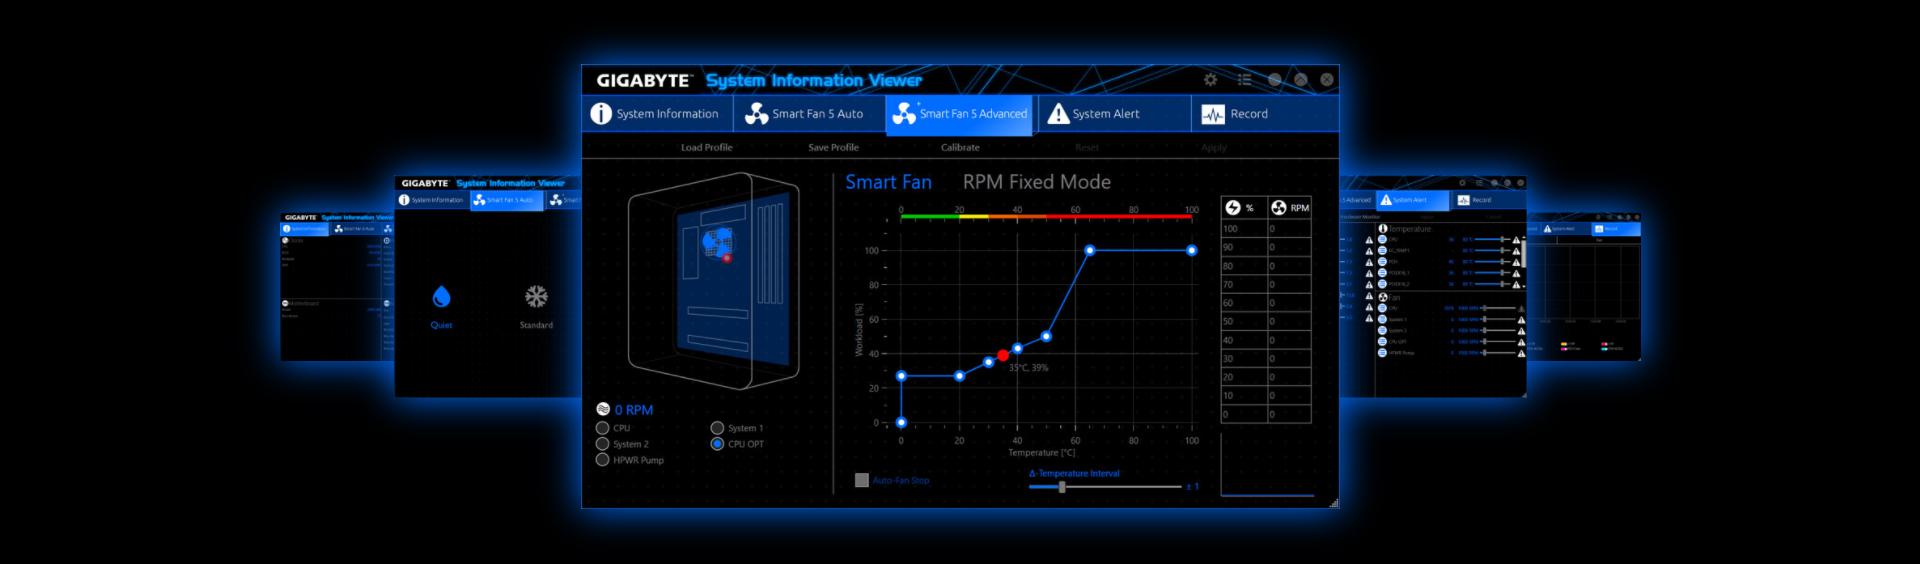 Gb usb smart card 64m driver windows 10